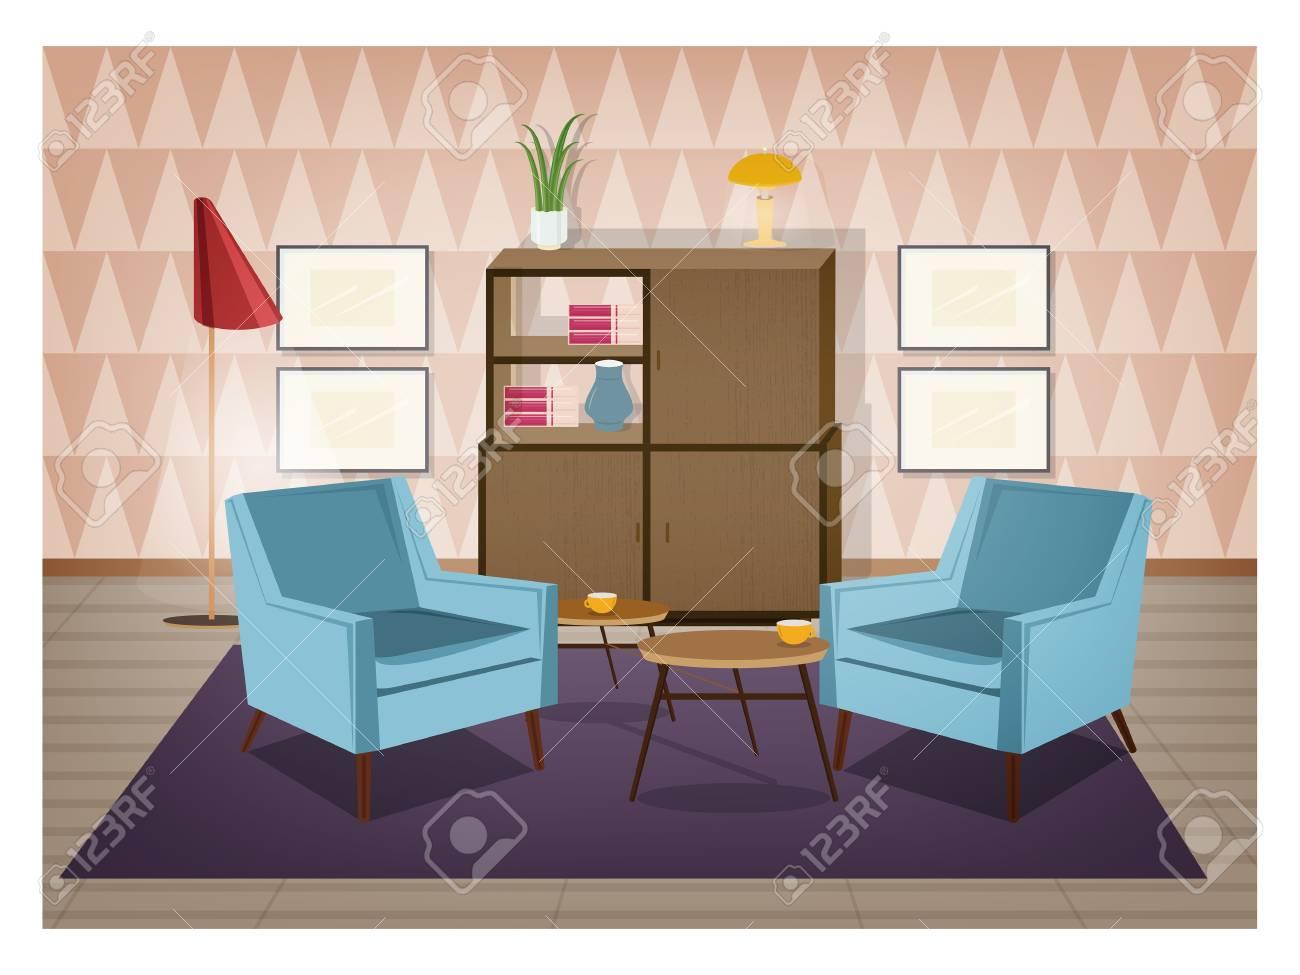 Interieur Du Salon Meuble Dans Un Style Retro Meubles Et Decoration De Maison A L Ancienne Fauteuils Tapis Table Basse Buffet Lampe De Sol